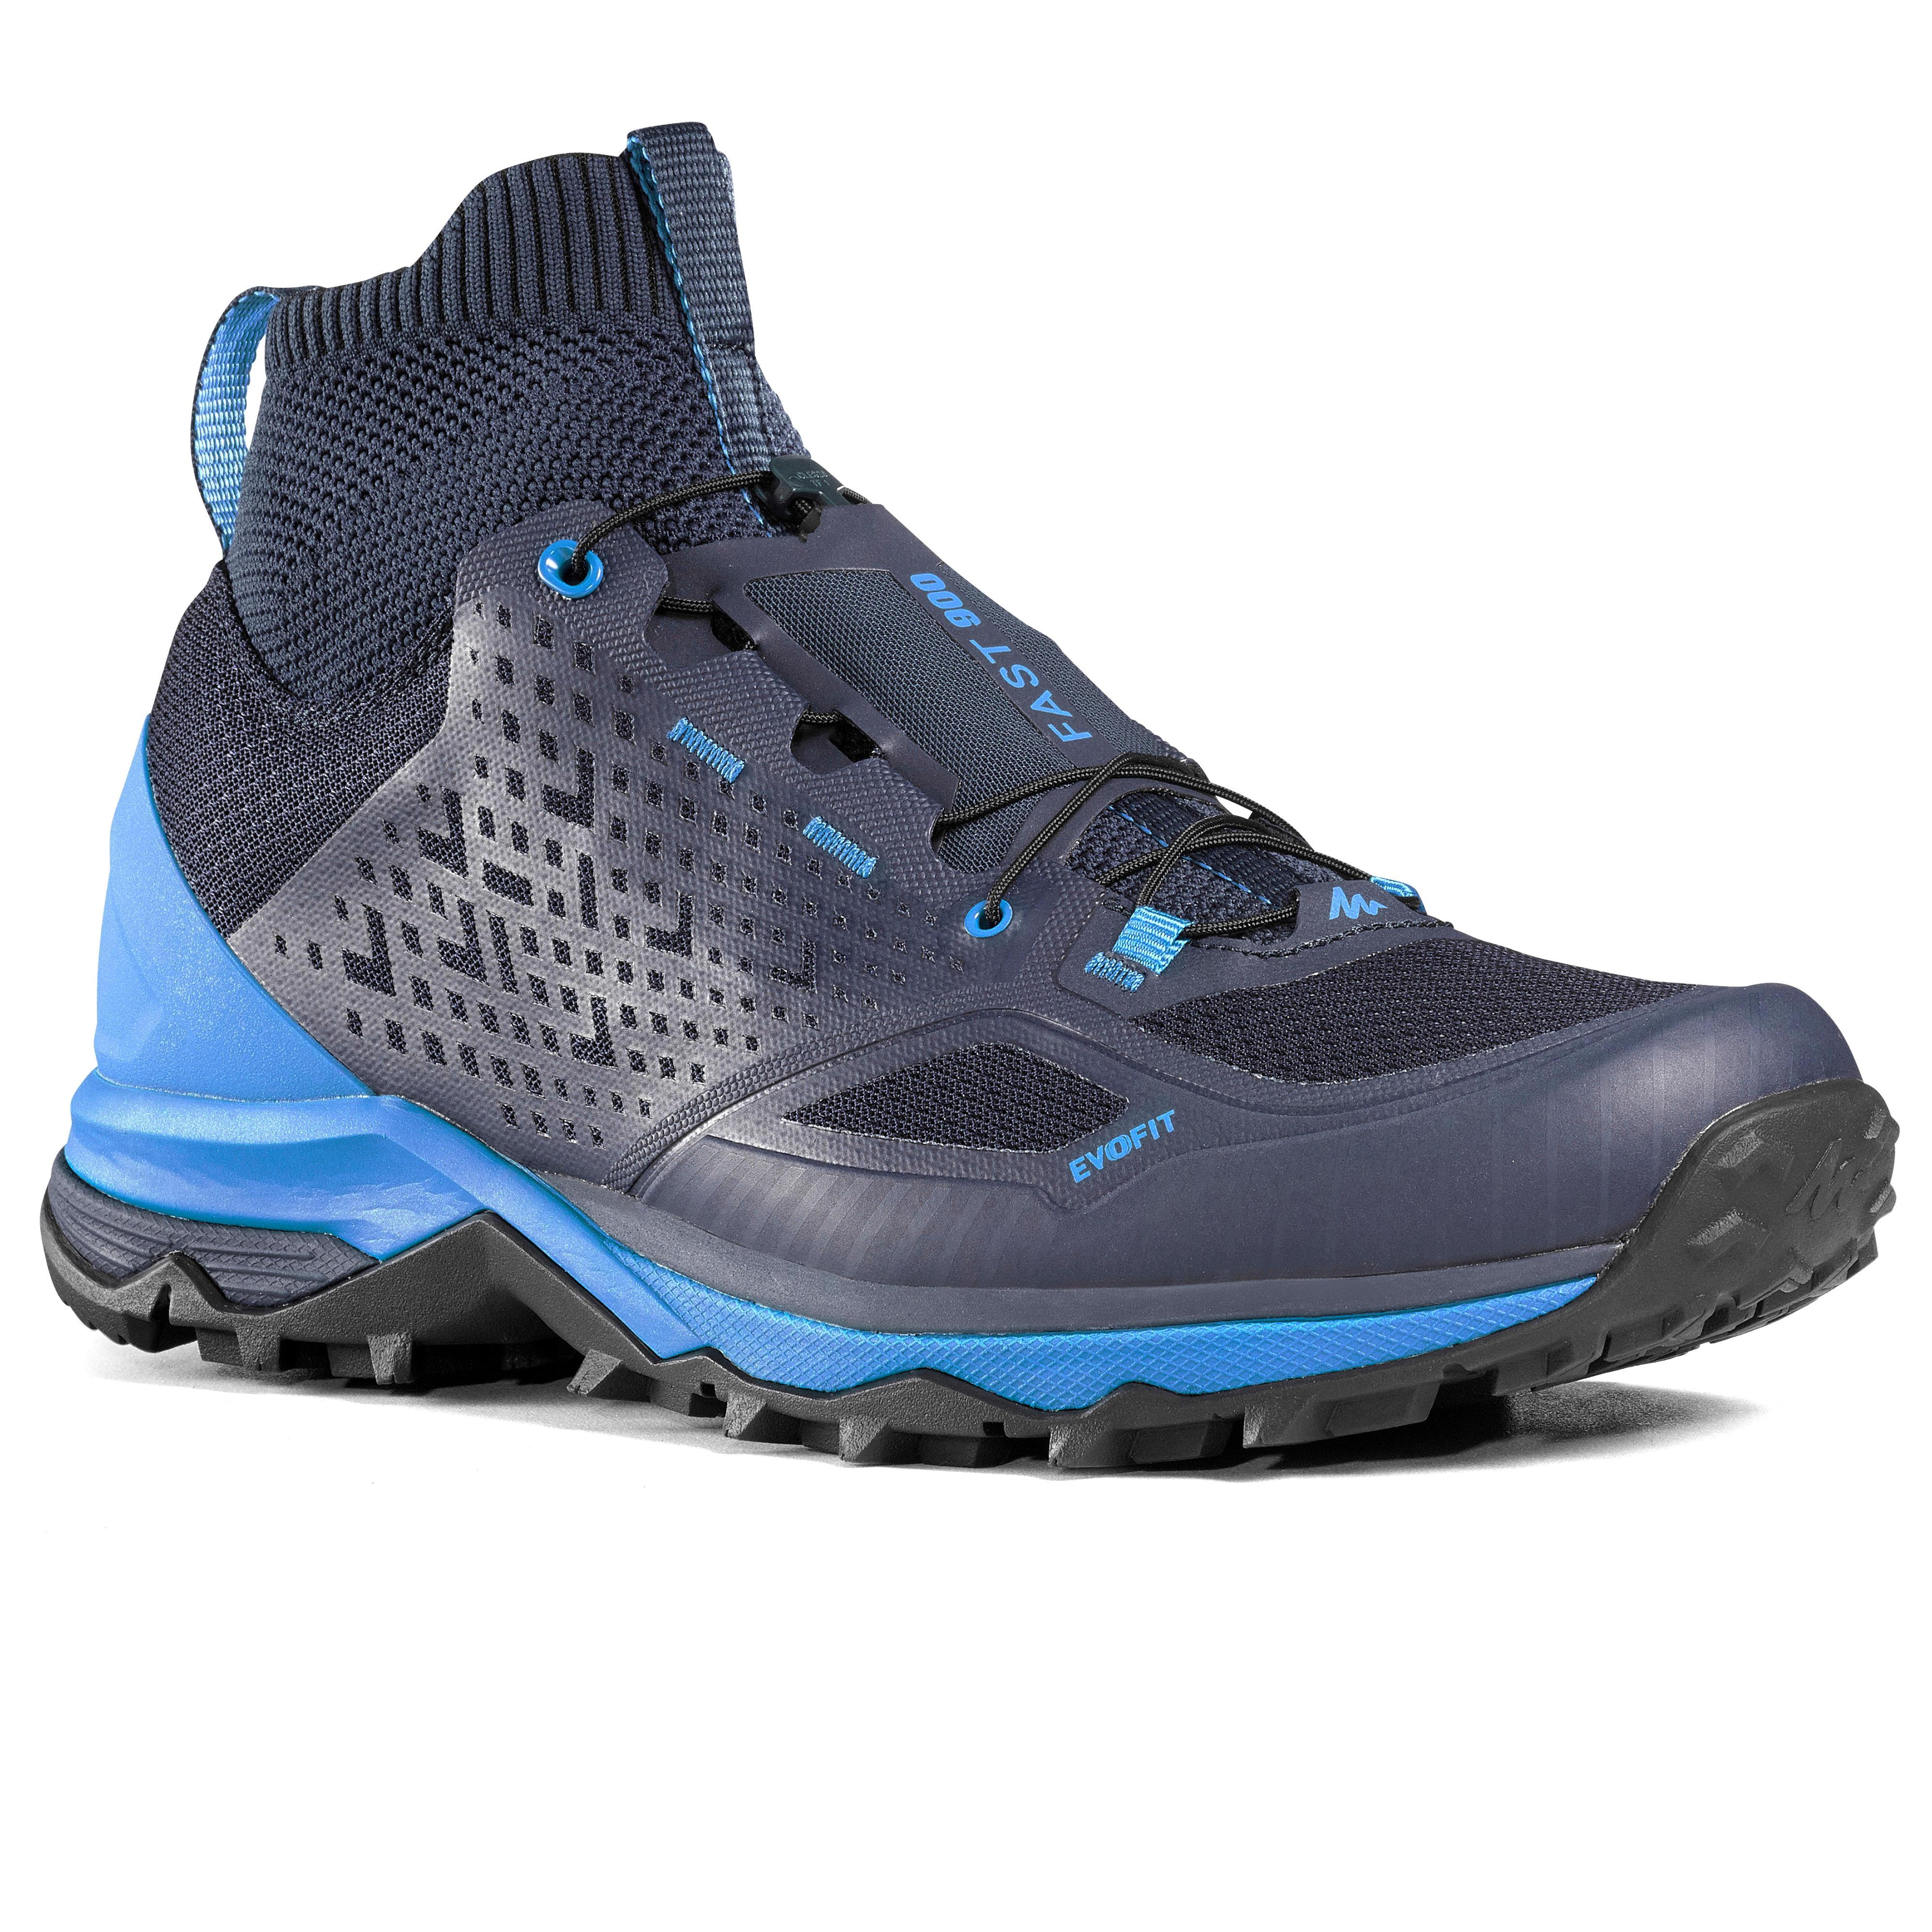 Quechua Schoenen voor fast hiking FH900 heren blauw